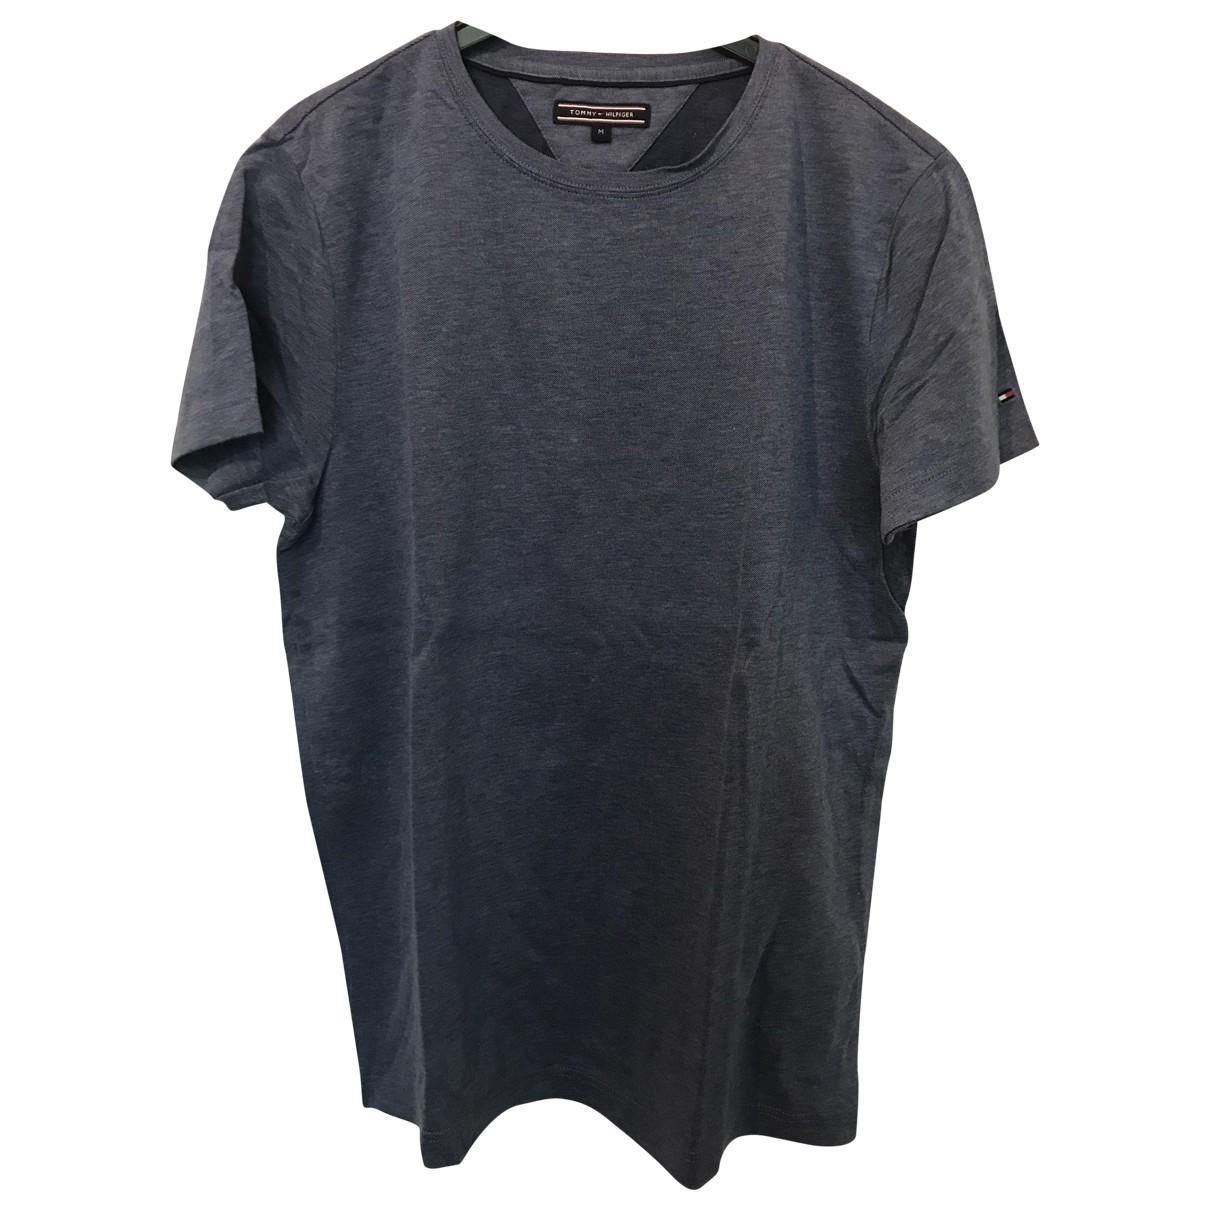 Tommy Hilfiger - Tee shirts   pour homme en coton - bleu